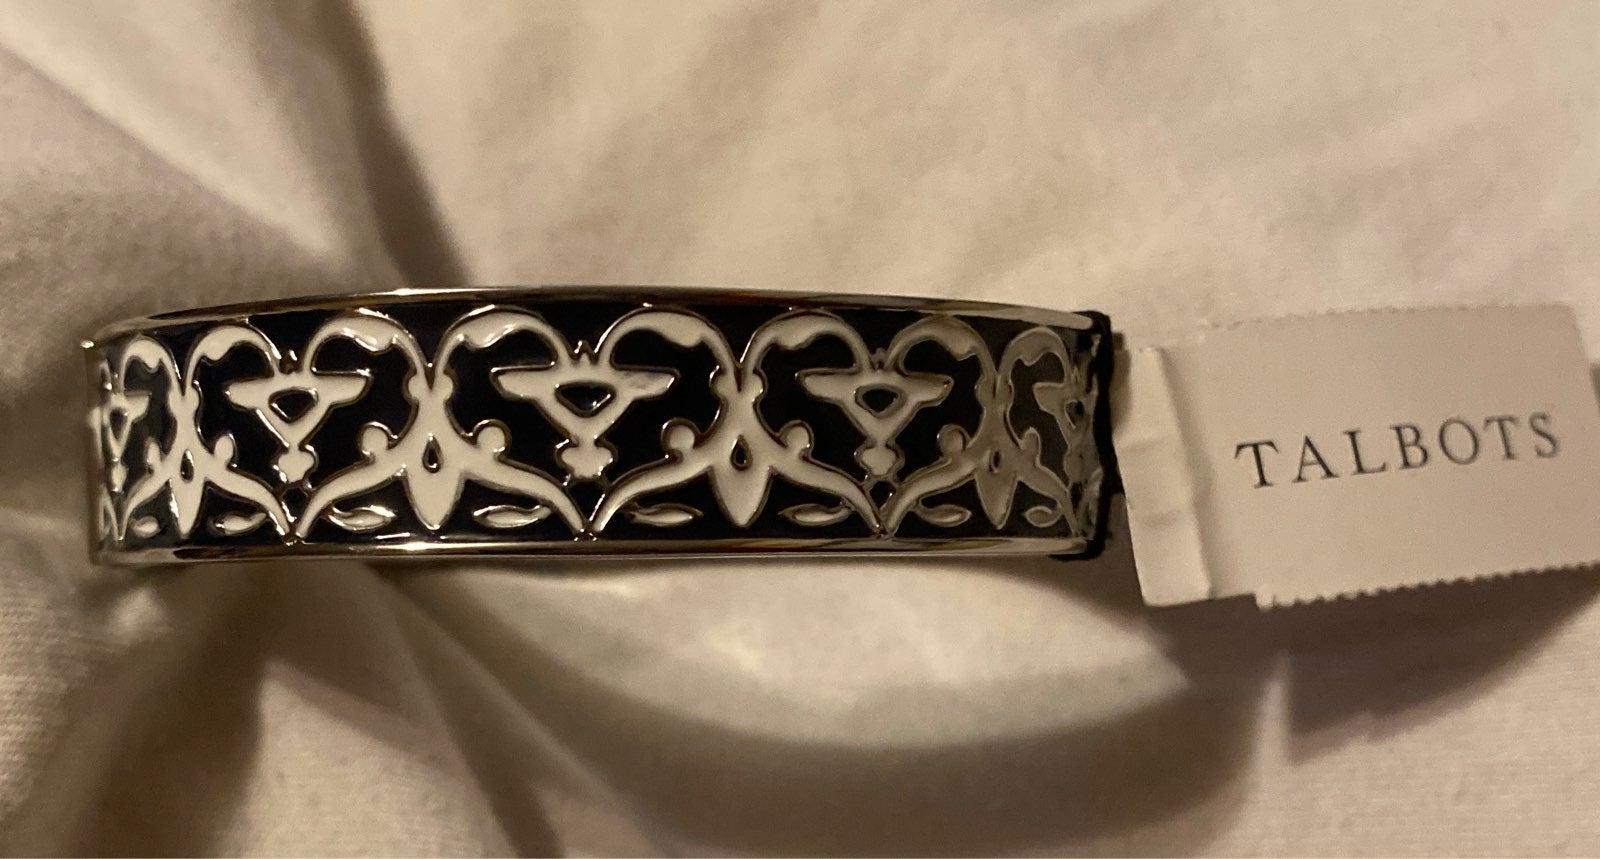 Black and White Talbot's Bracelet